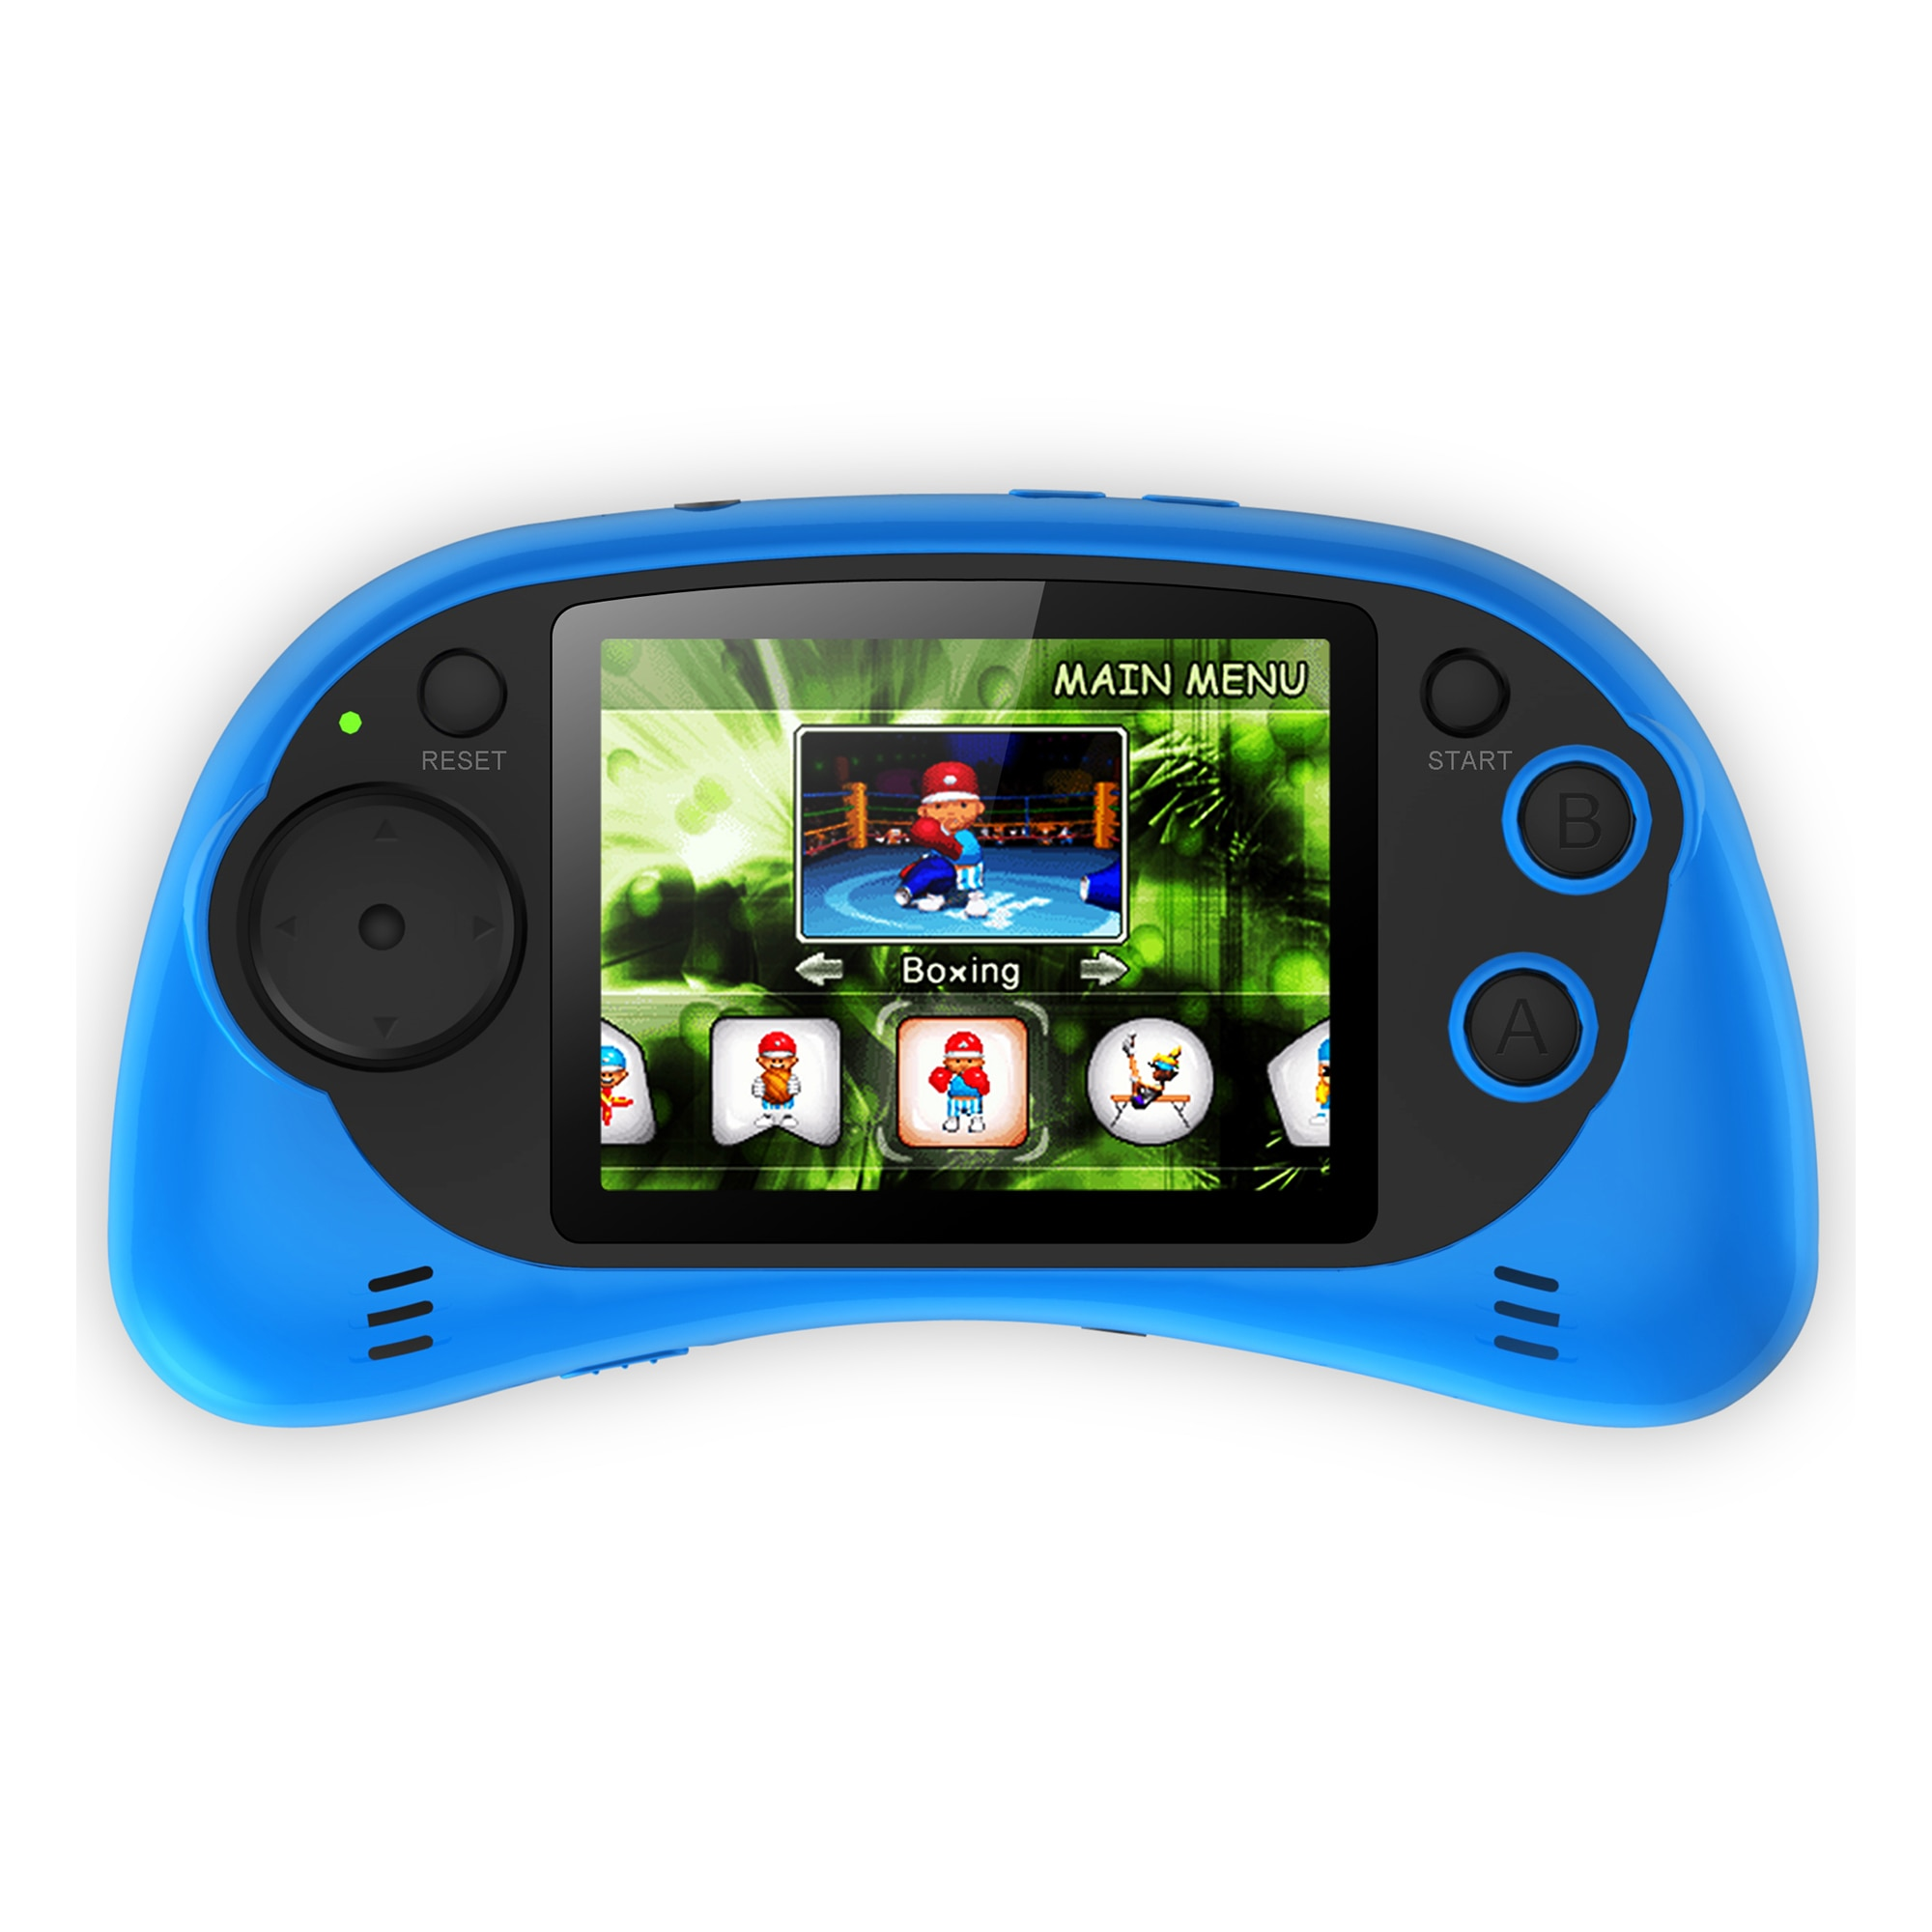 Fotografie Consola jocuri portabila Serioux, ecran 2.7, 200 jocuri incluse, Albastru